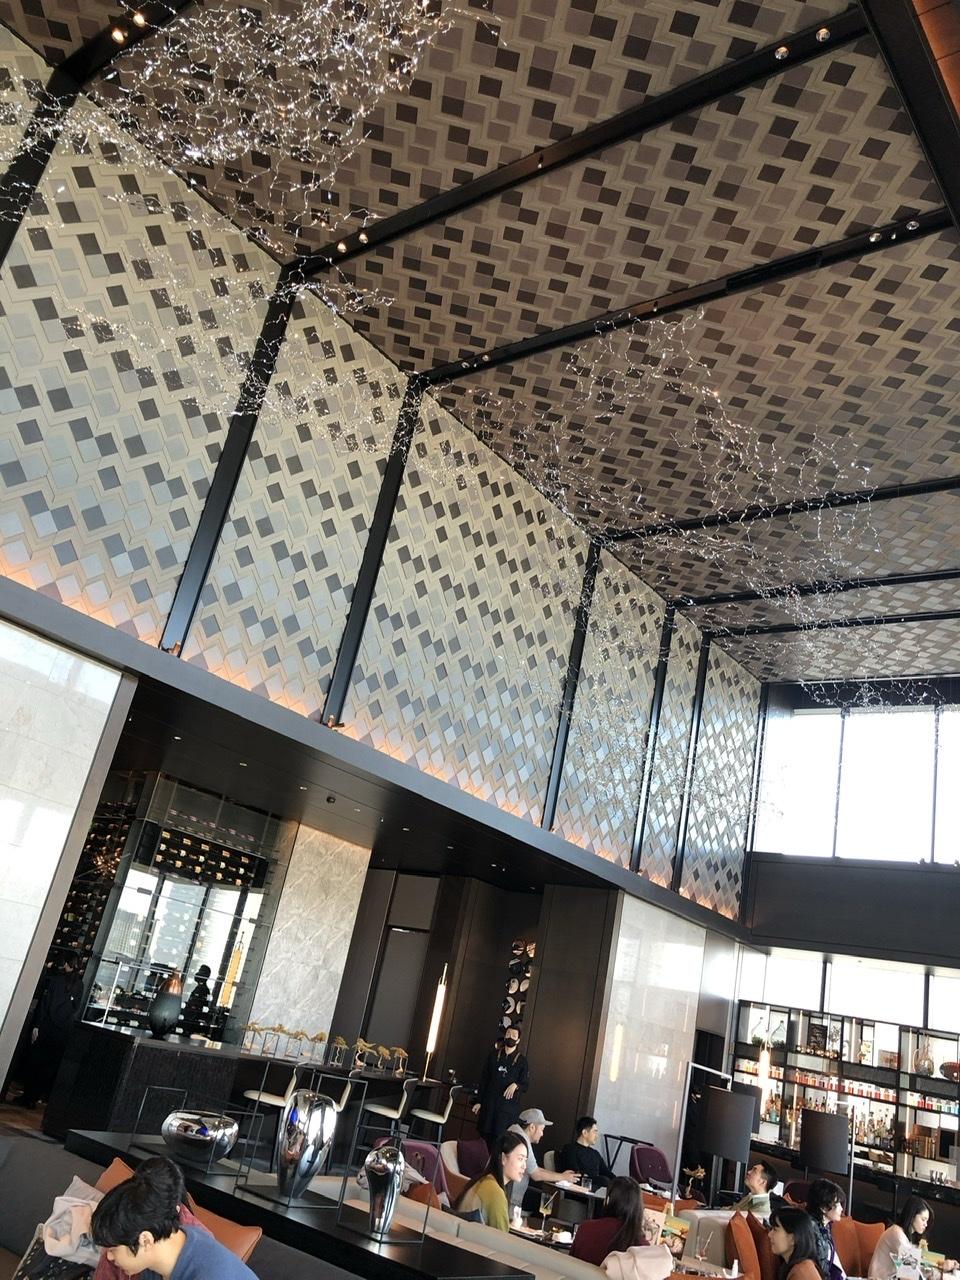 五感を魅了する場所『メズム東京』レストランChef's Theatreへ_1_6-1